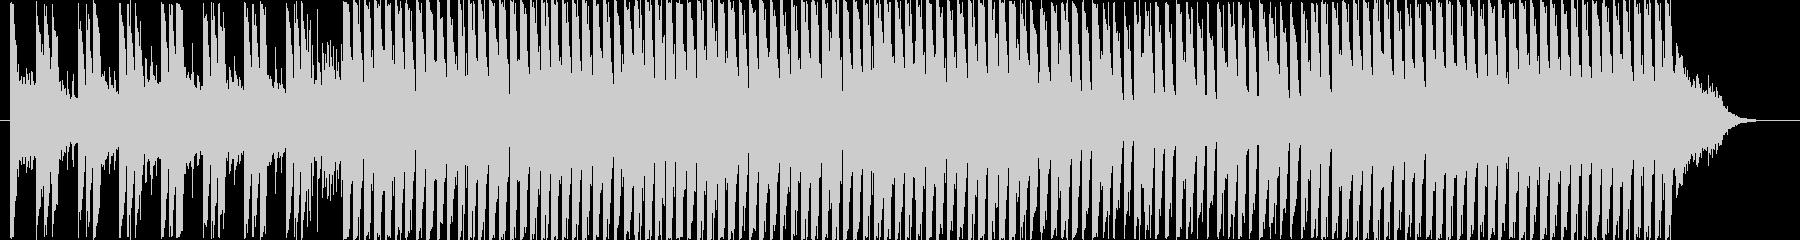 ポップなピアノダンス 商品説明 起承転結の未再生の波形